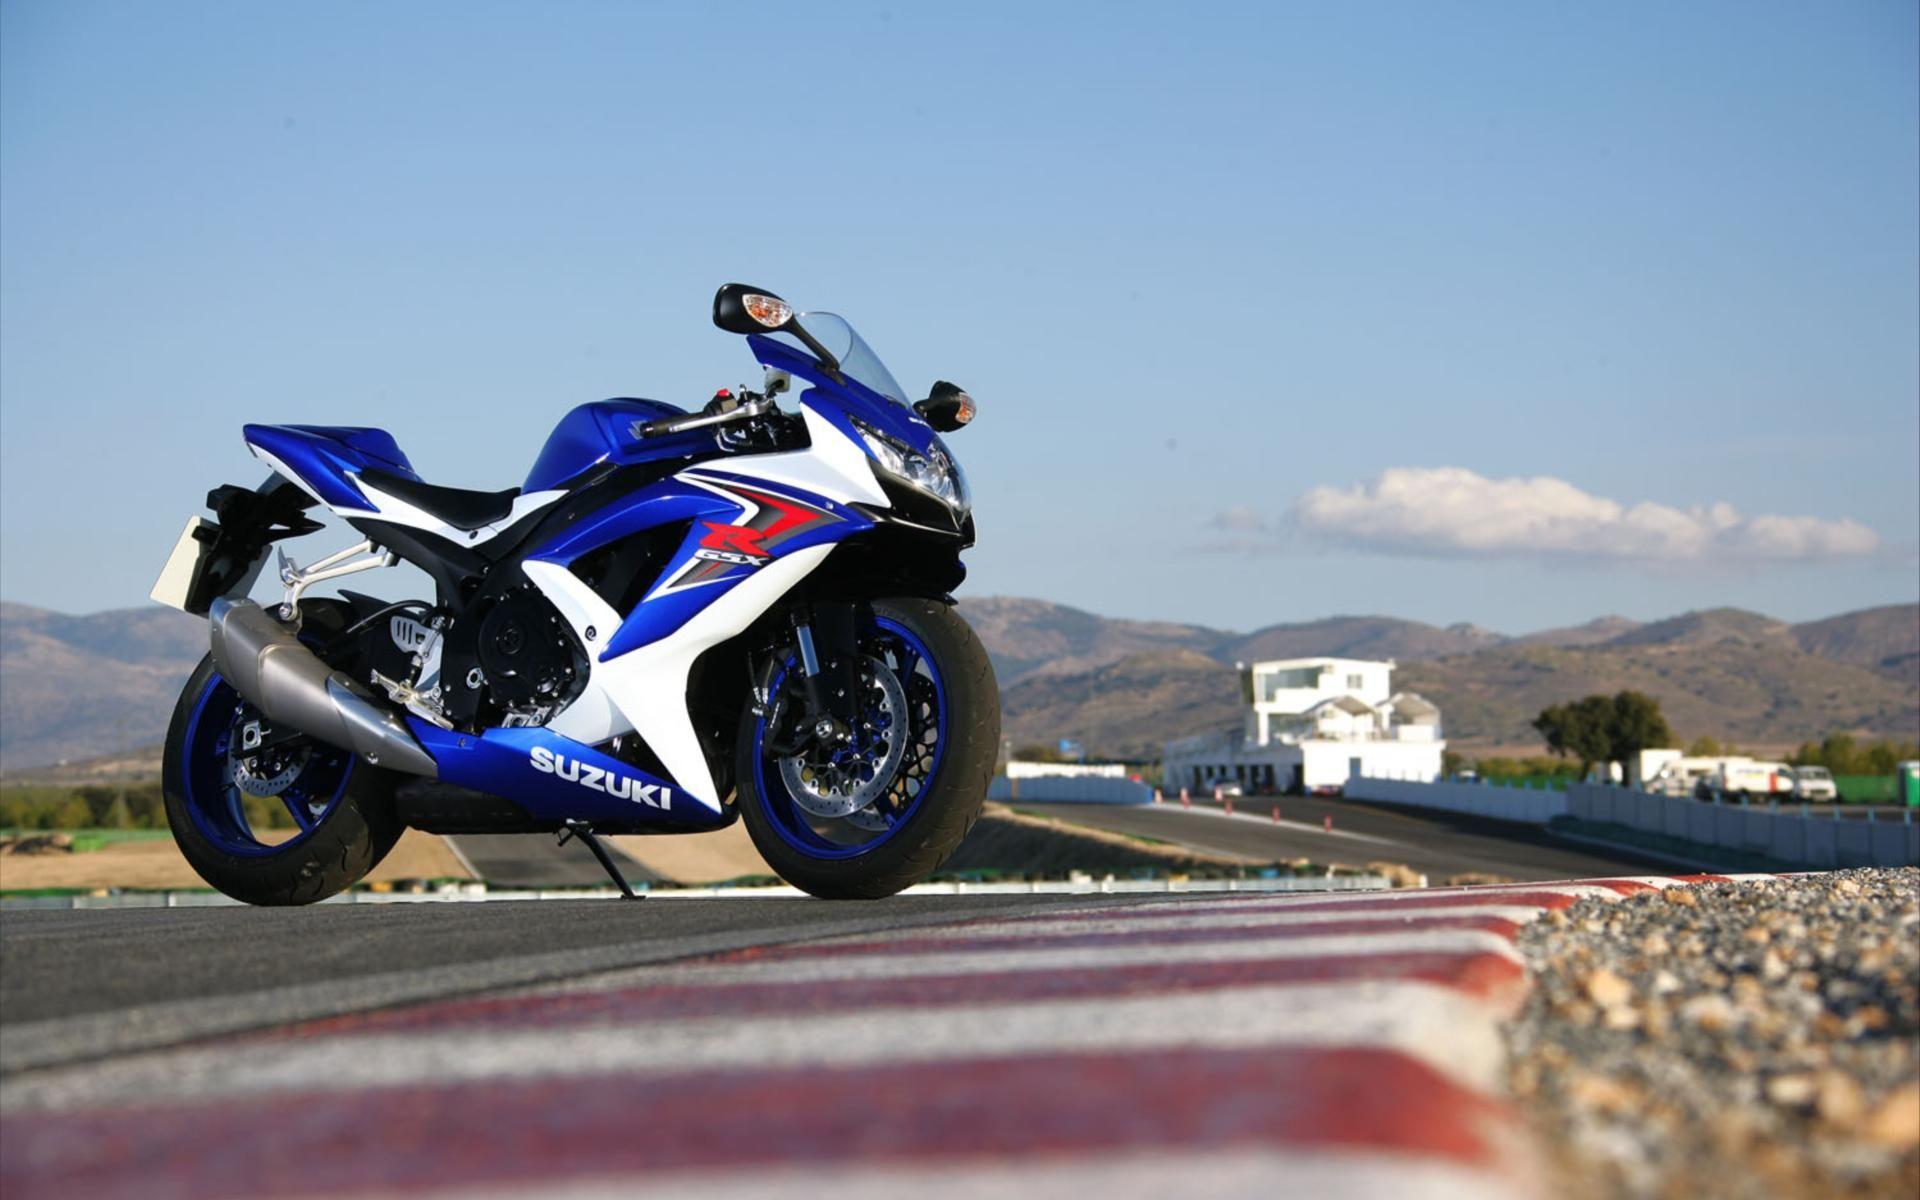 Suzuki Hd Wide Wallpaper For Backgrounds Free With Images Suzuki Gsx Suzuki Bike